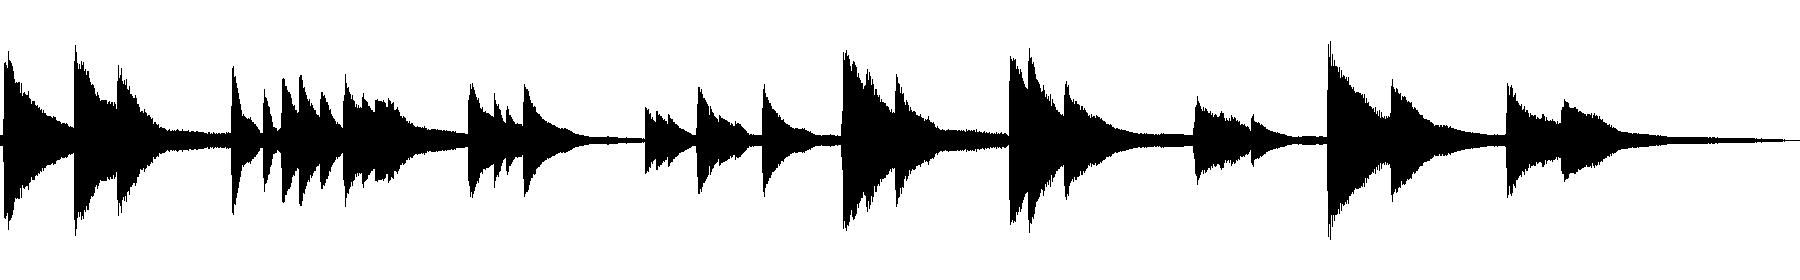 164718 piano